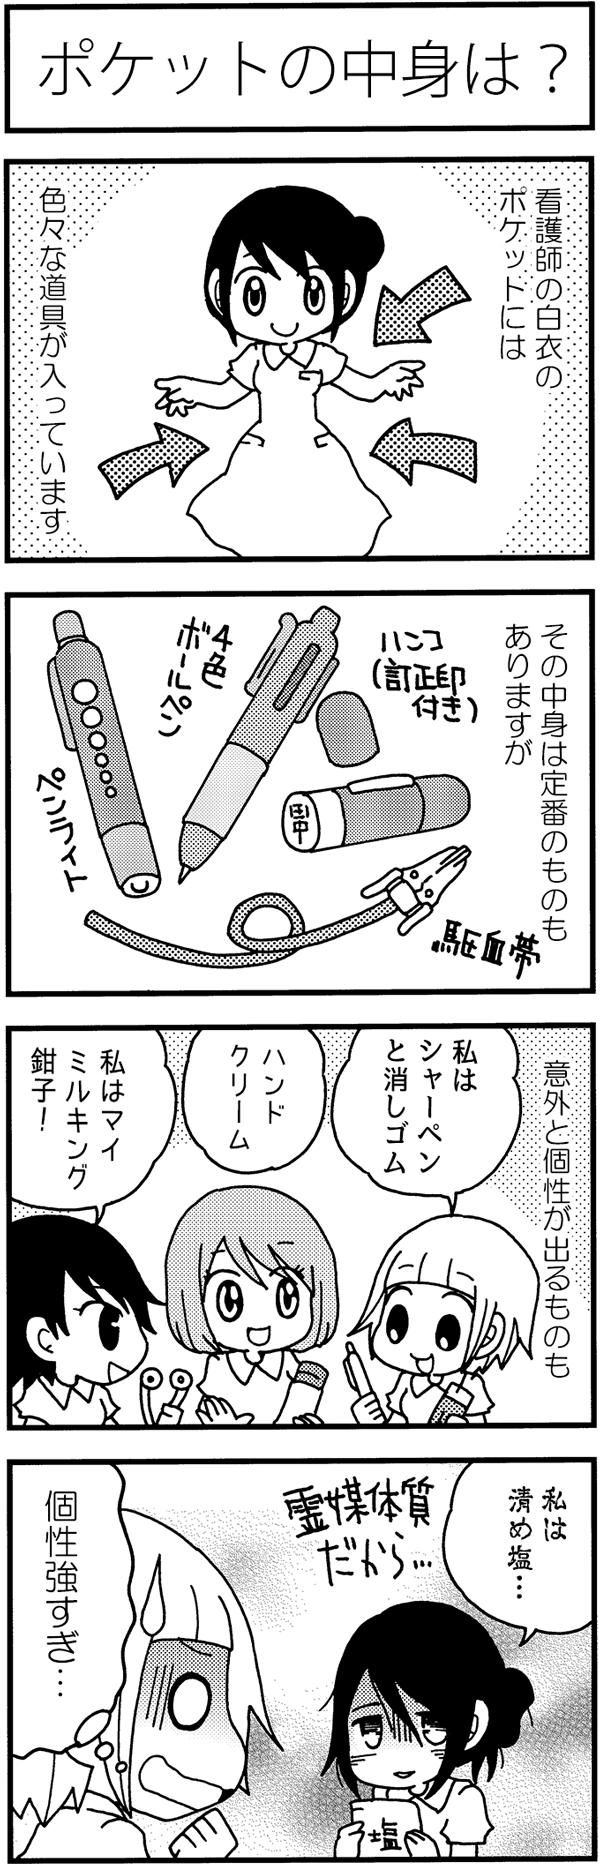 タイトル:ポケットの中身は?。看護師の白衣のポケットには、色々な道具が入っています。その中身は、ハンコやペン、ライトなど定番のものもありますが、意外と個性が出るものも。みちよは「シャーペンと消しゴム。」同僚は、「ハンドクリーム、マイミルキング鉗子」とポケットの中身を見せ合いました。すると同僚の1人は、ささやくように「霊媒体質だから、私は清め塩…。」とつぶやくのでした。